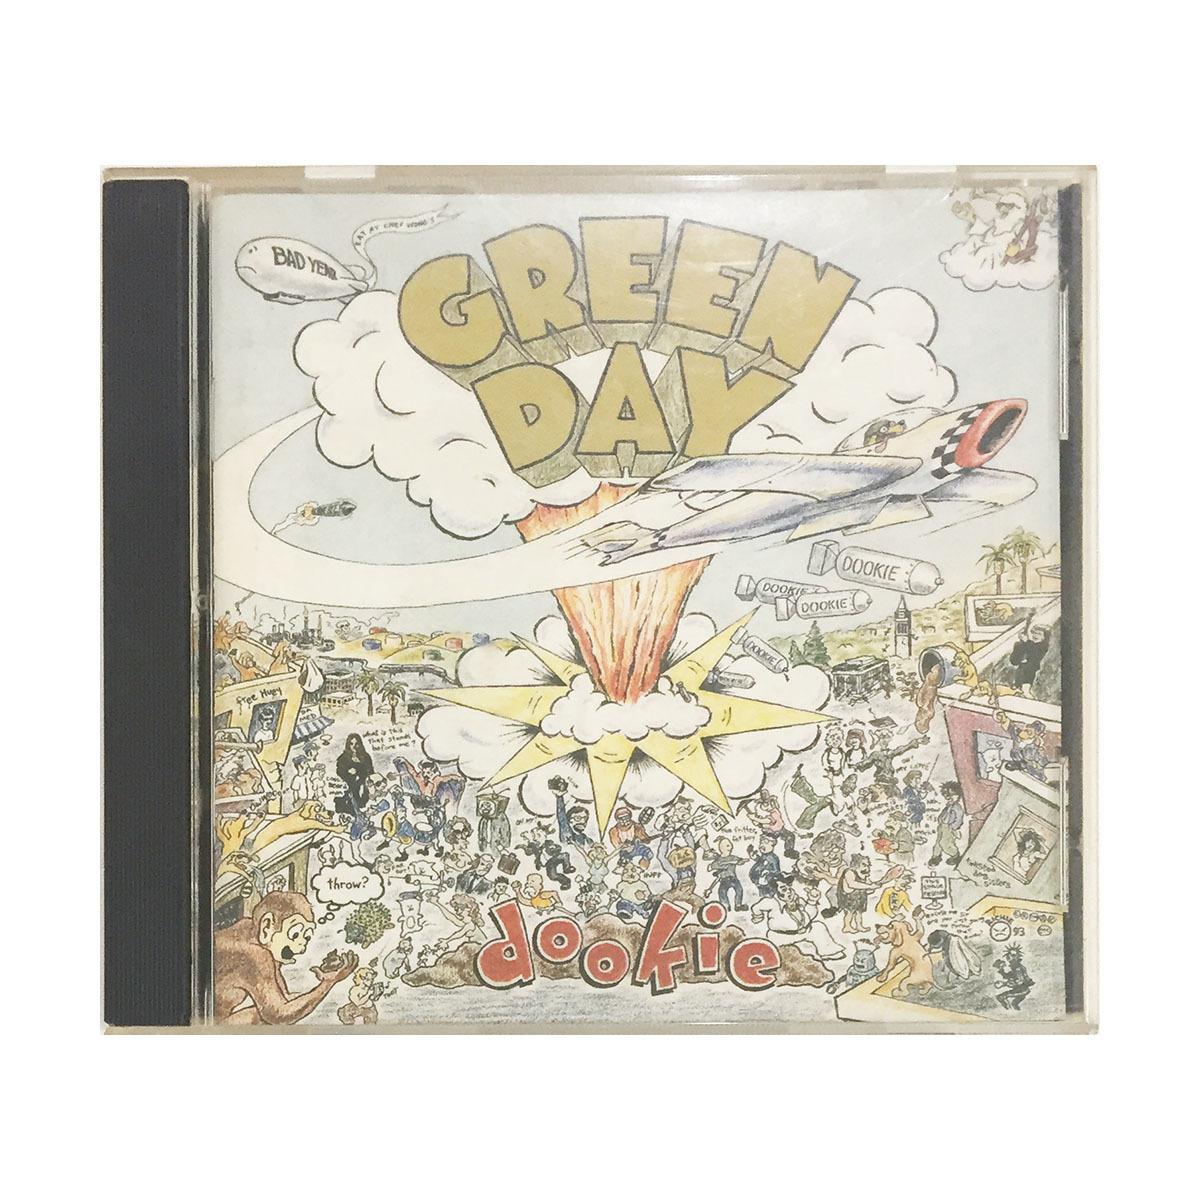 洋楽 CD グリーンデイ ドゥーキー GREEN DAY Dookie パンク メロコア ポップ パンク バスケットケース BASKET CASE 名曲 名盤 3ピース